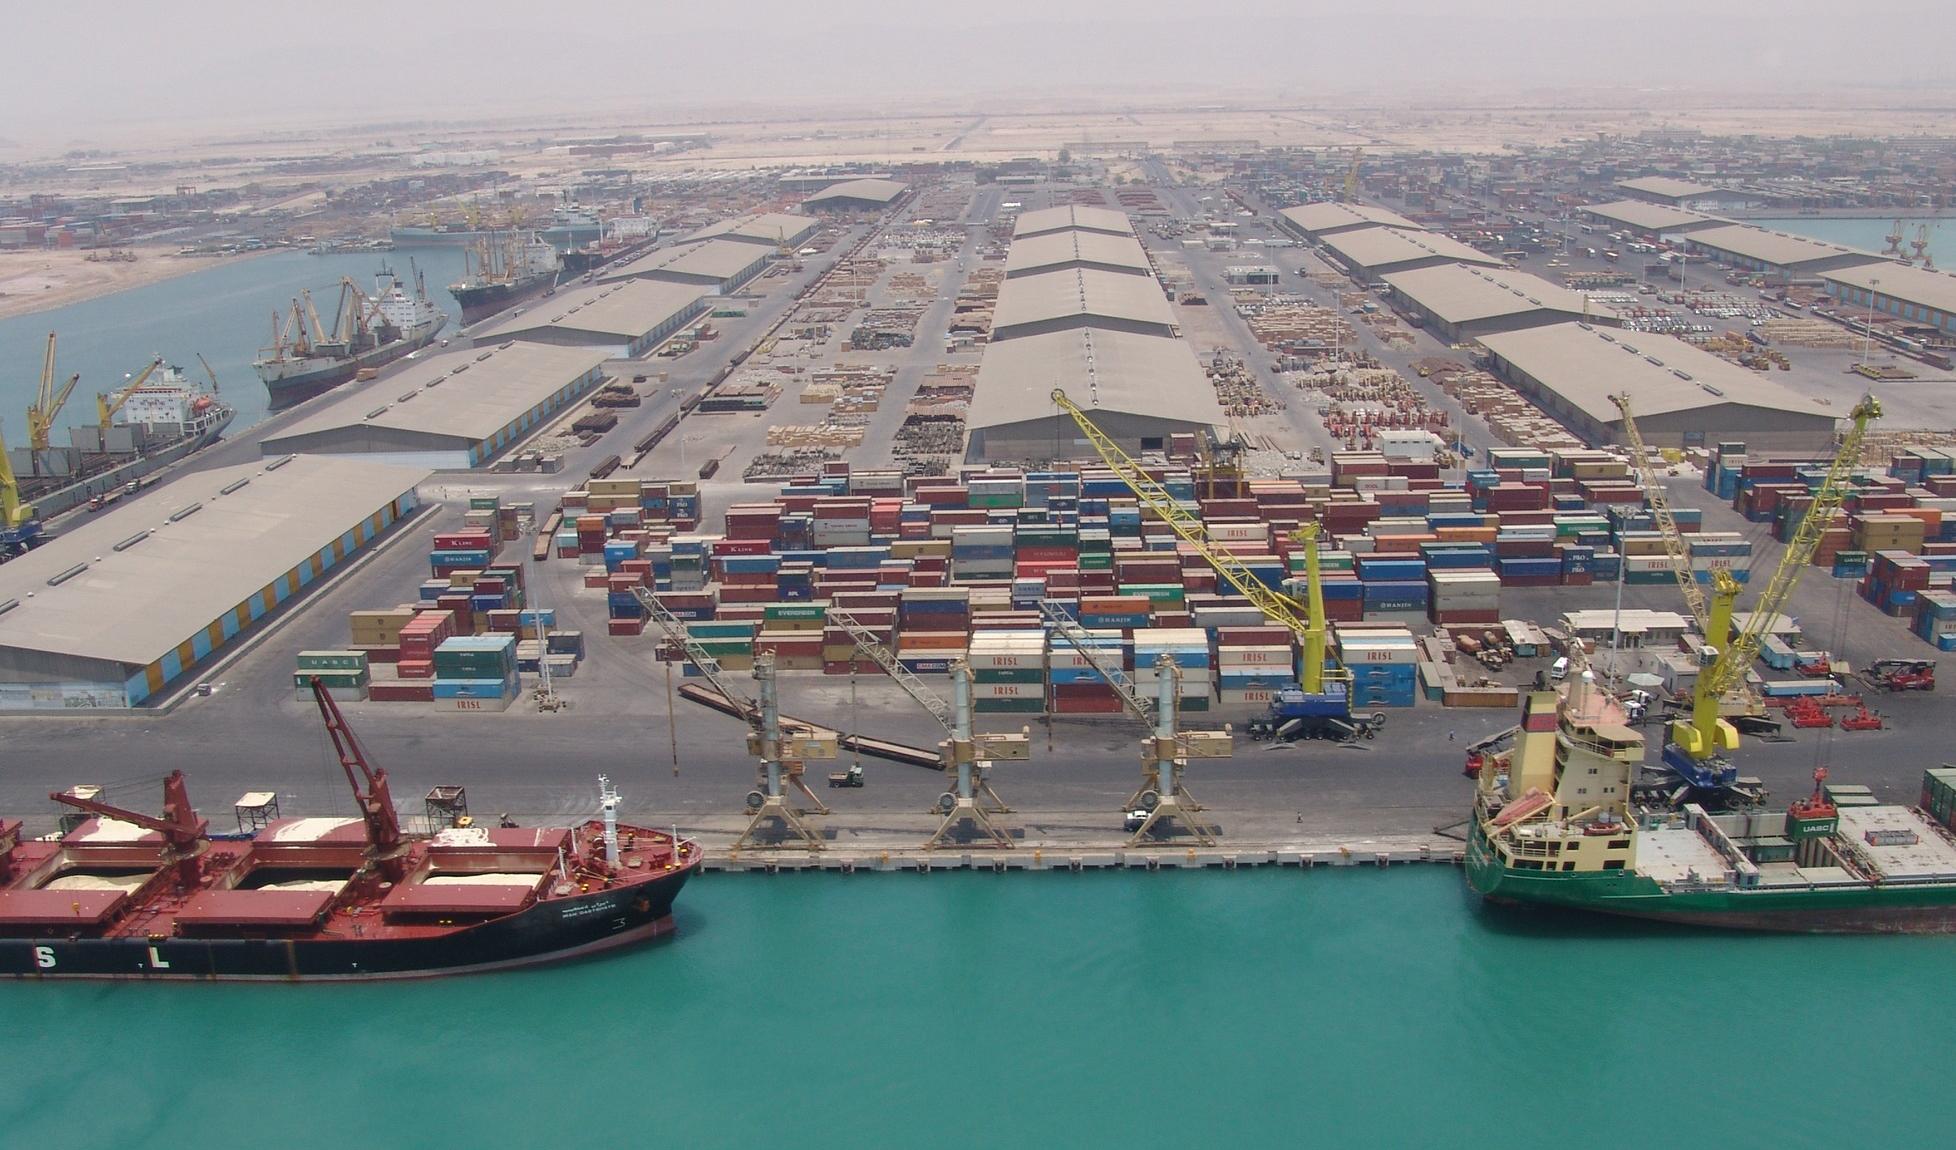 فراهم شدن زمینه تردد کشتیهای 20 هزار تنی در بندر بوشهر